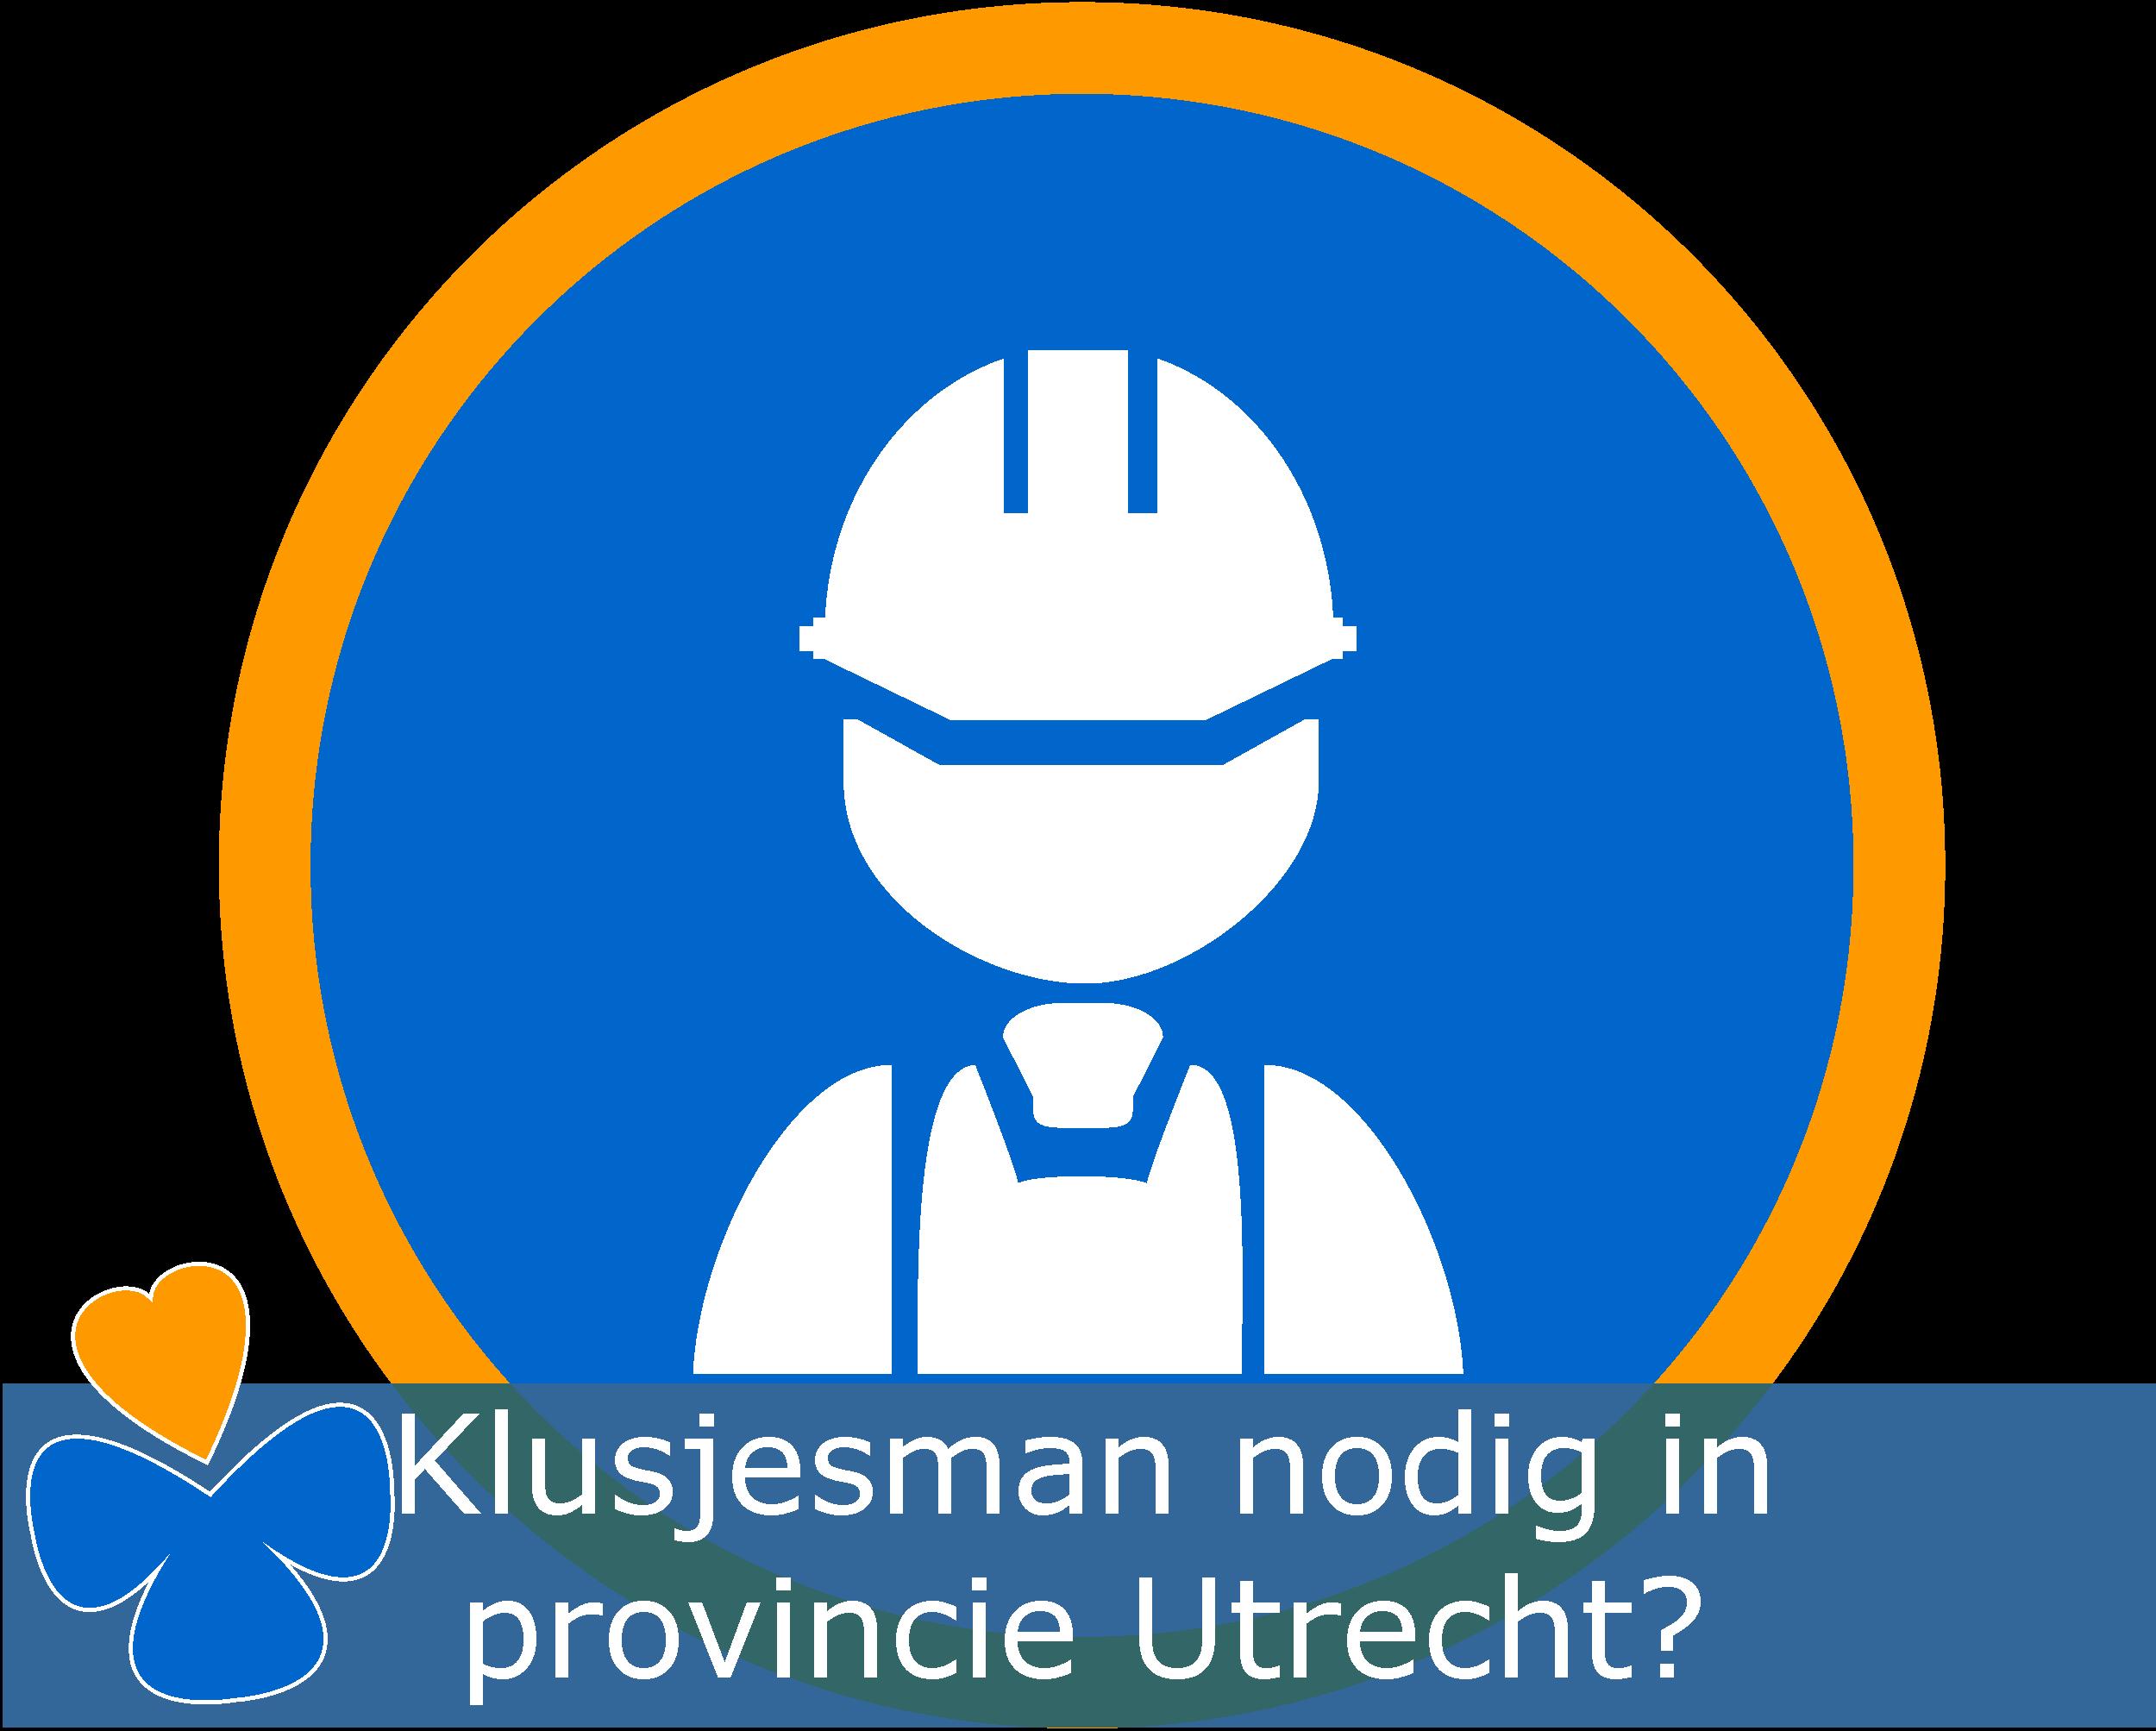 Klusjesmannen provincie Utrecht nodig? Wij matchen de juiste klusjesman! Klusjesmannen staan klaar in provincie Utrecht.